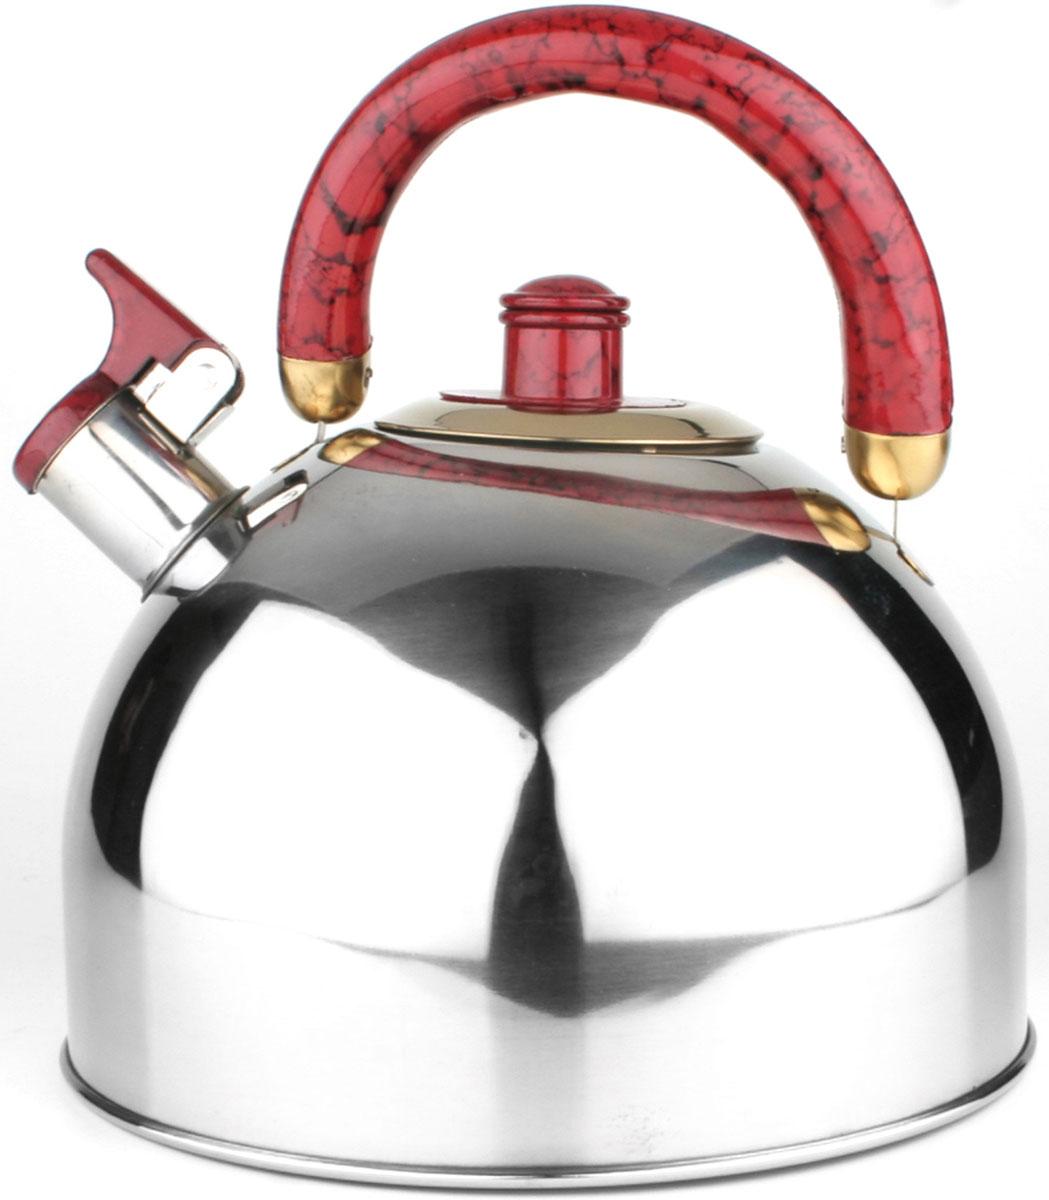 20440 Чайник нерж/сталь(5,5л) MB цветн/руч (х12)20440Чайник со свистком металлический (5,5 л)Материал: нержавеющая сталь, бакелит, литое дно Размер упаковки: 22х20х22 см Объем: 5,5 л Вес: Чайник выполнен из высококачественной нержавеющей стали 18/10. Капсулированное дно с прослойкой из алюминия обеспечивает наилучшее распределение тепла. Носик чайника оснащен насадкой-свистком, что позволит вам контролировать процесс подогрева или кипячения воды. Пластиковая ручка зафиксирована, это дает дополнительное удобство при разлитии напитка, поверхность чайника гладкая, что облегчает уход, а блекс придает чайнику шикарный внешний вид. Чайник подходит для использования на всех типах плит. Эстетичный и функциональный, с эксклюзивным дизайном, чайник будет оригинально смотреться в любом интерьере. Также изделие можно мыть в посудомоечной машине.